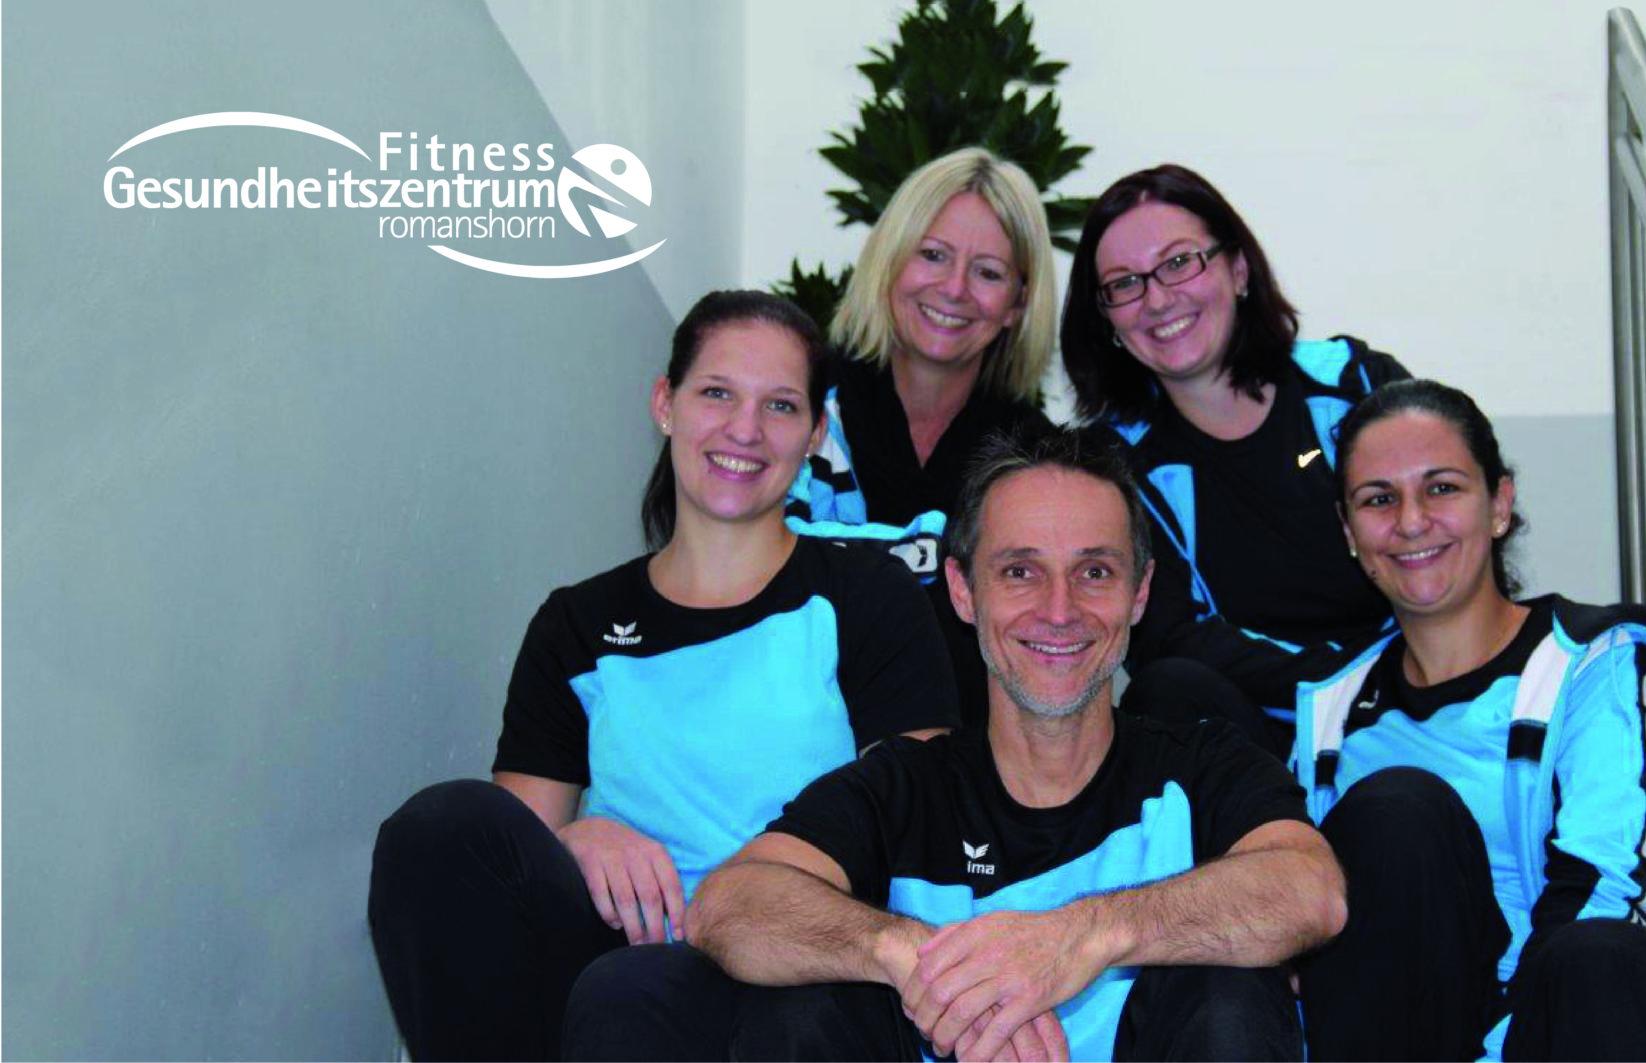 Fitness-Gesundheitszentrum